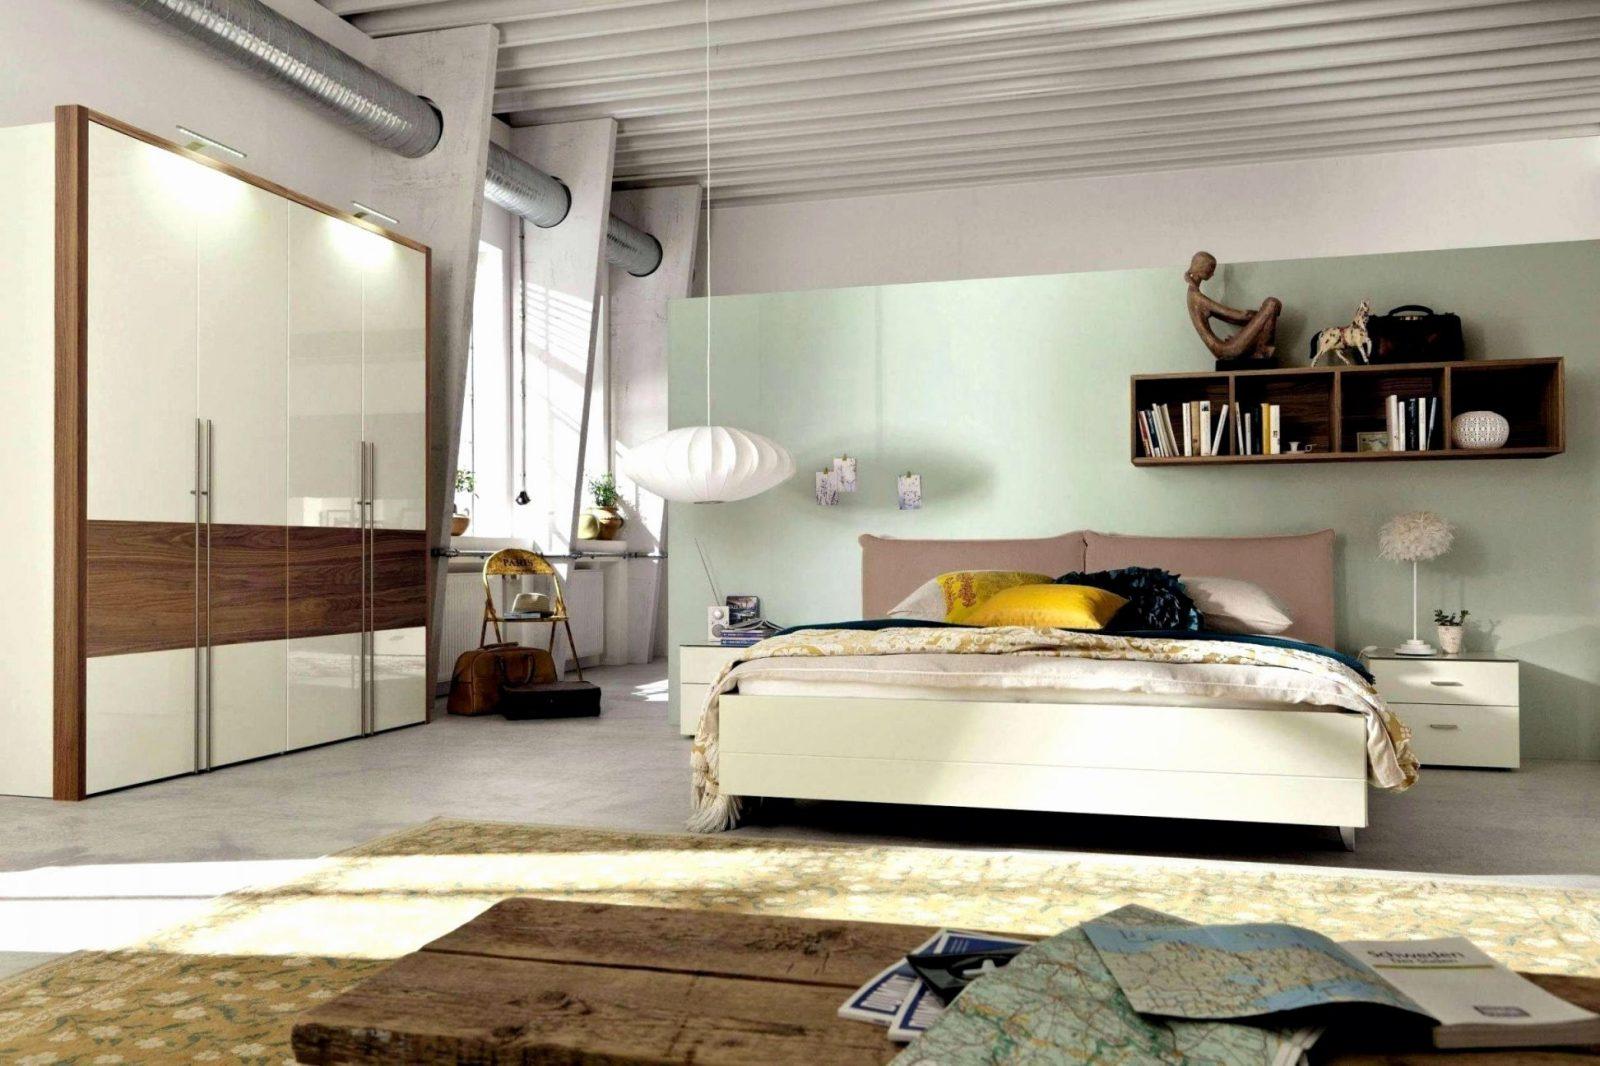 Bett Mit Kopfteil Ablage Einzigartig Außergewöhnliches Bett Aus Bett von Außergewöhnliche Betten Selber Bauen Photo